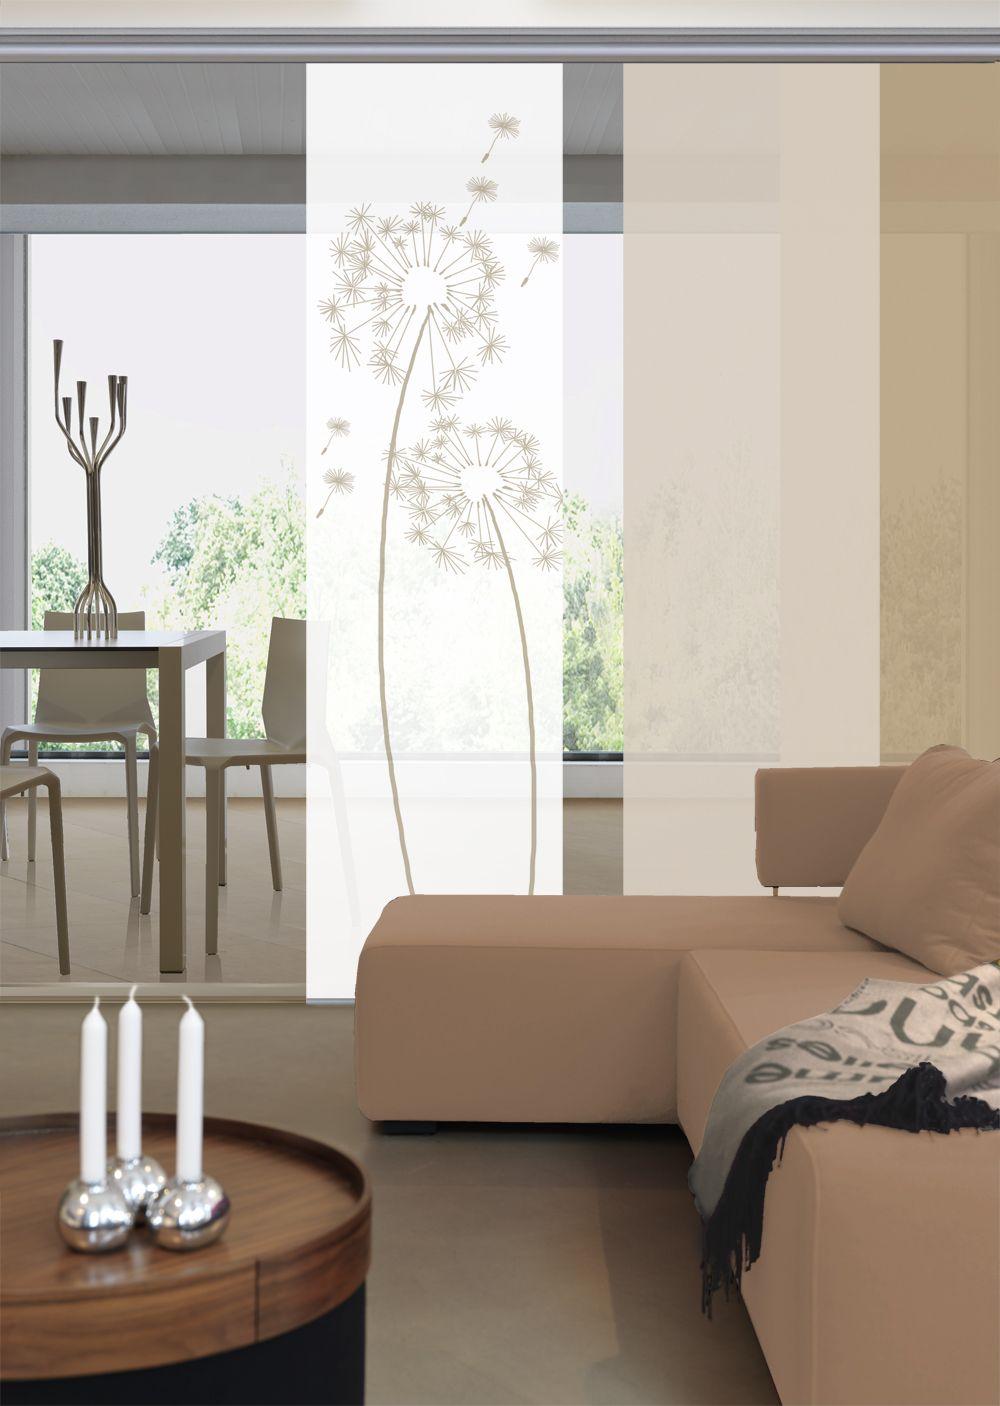 Schlafzimmer Fenster Behandlungen In 2020 Schlafzimmer Jalousien Kuchenfenster Behandlungen Fenster Design